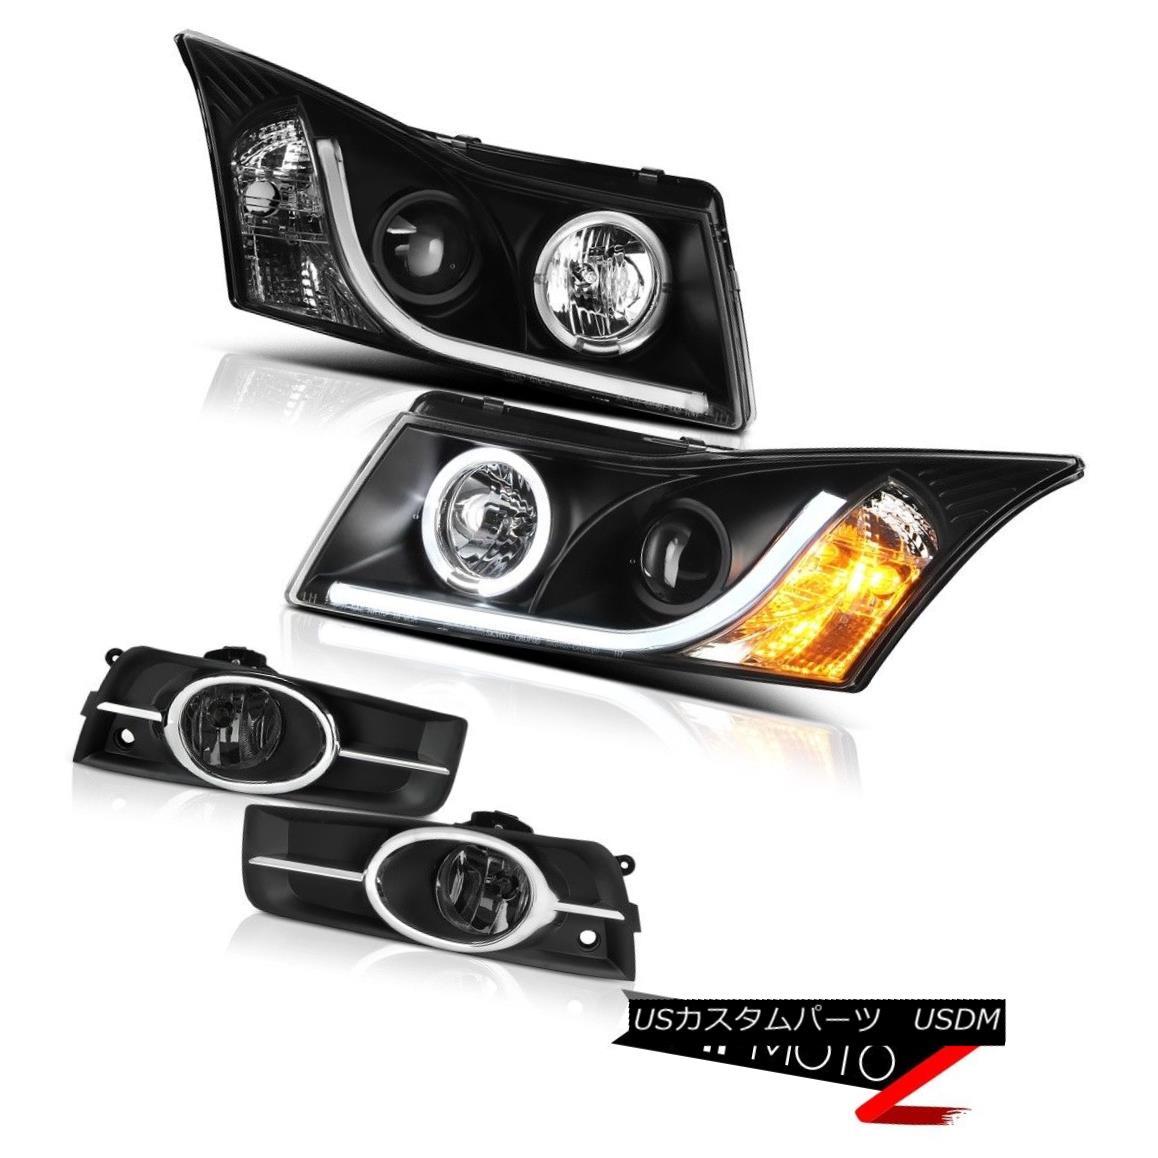 Optic 11-15シェビークルーズスモークフォグランプマットブラックヘッドライトサイクロプスオプティックライトバー Bar Cruze Headlights Chevy Light Foglamps Matte Cyclop Black 11-15 ヘッドライト Smoked